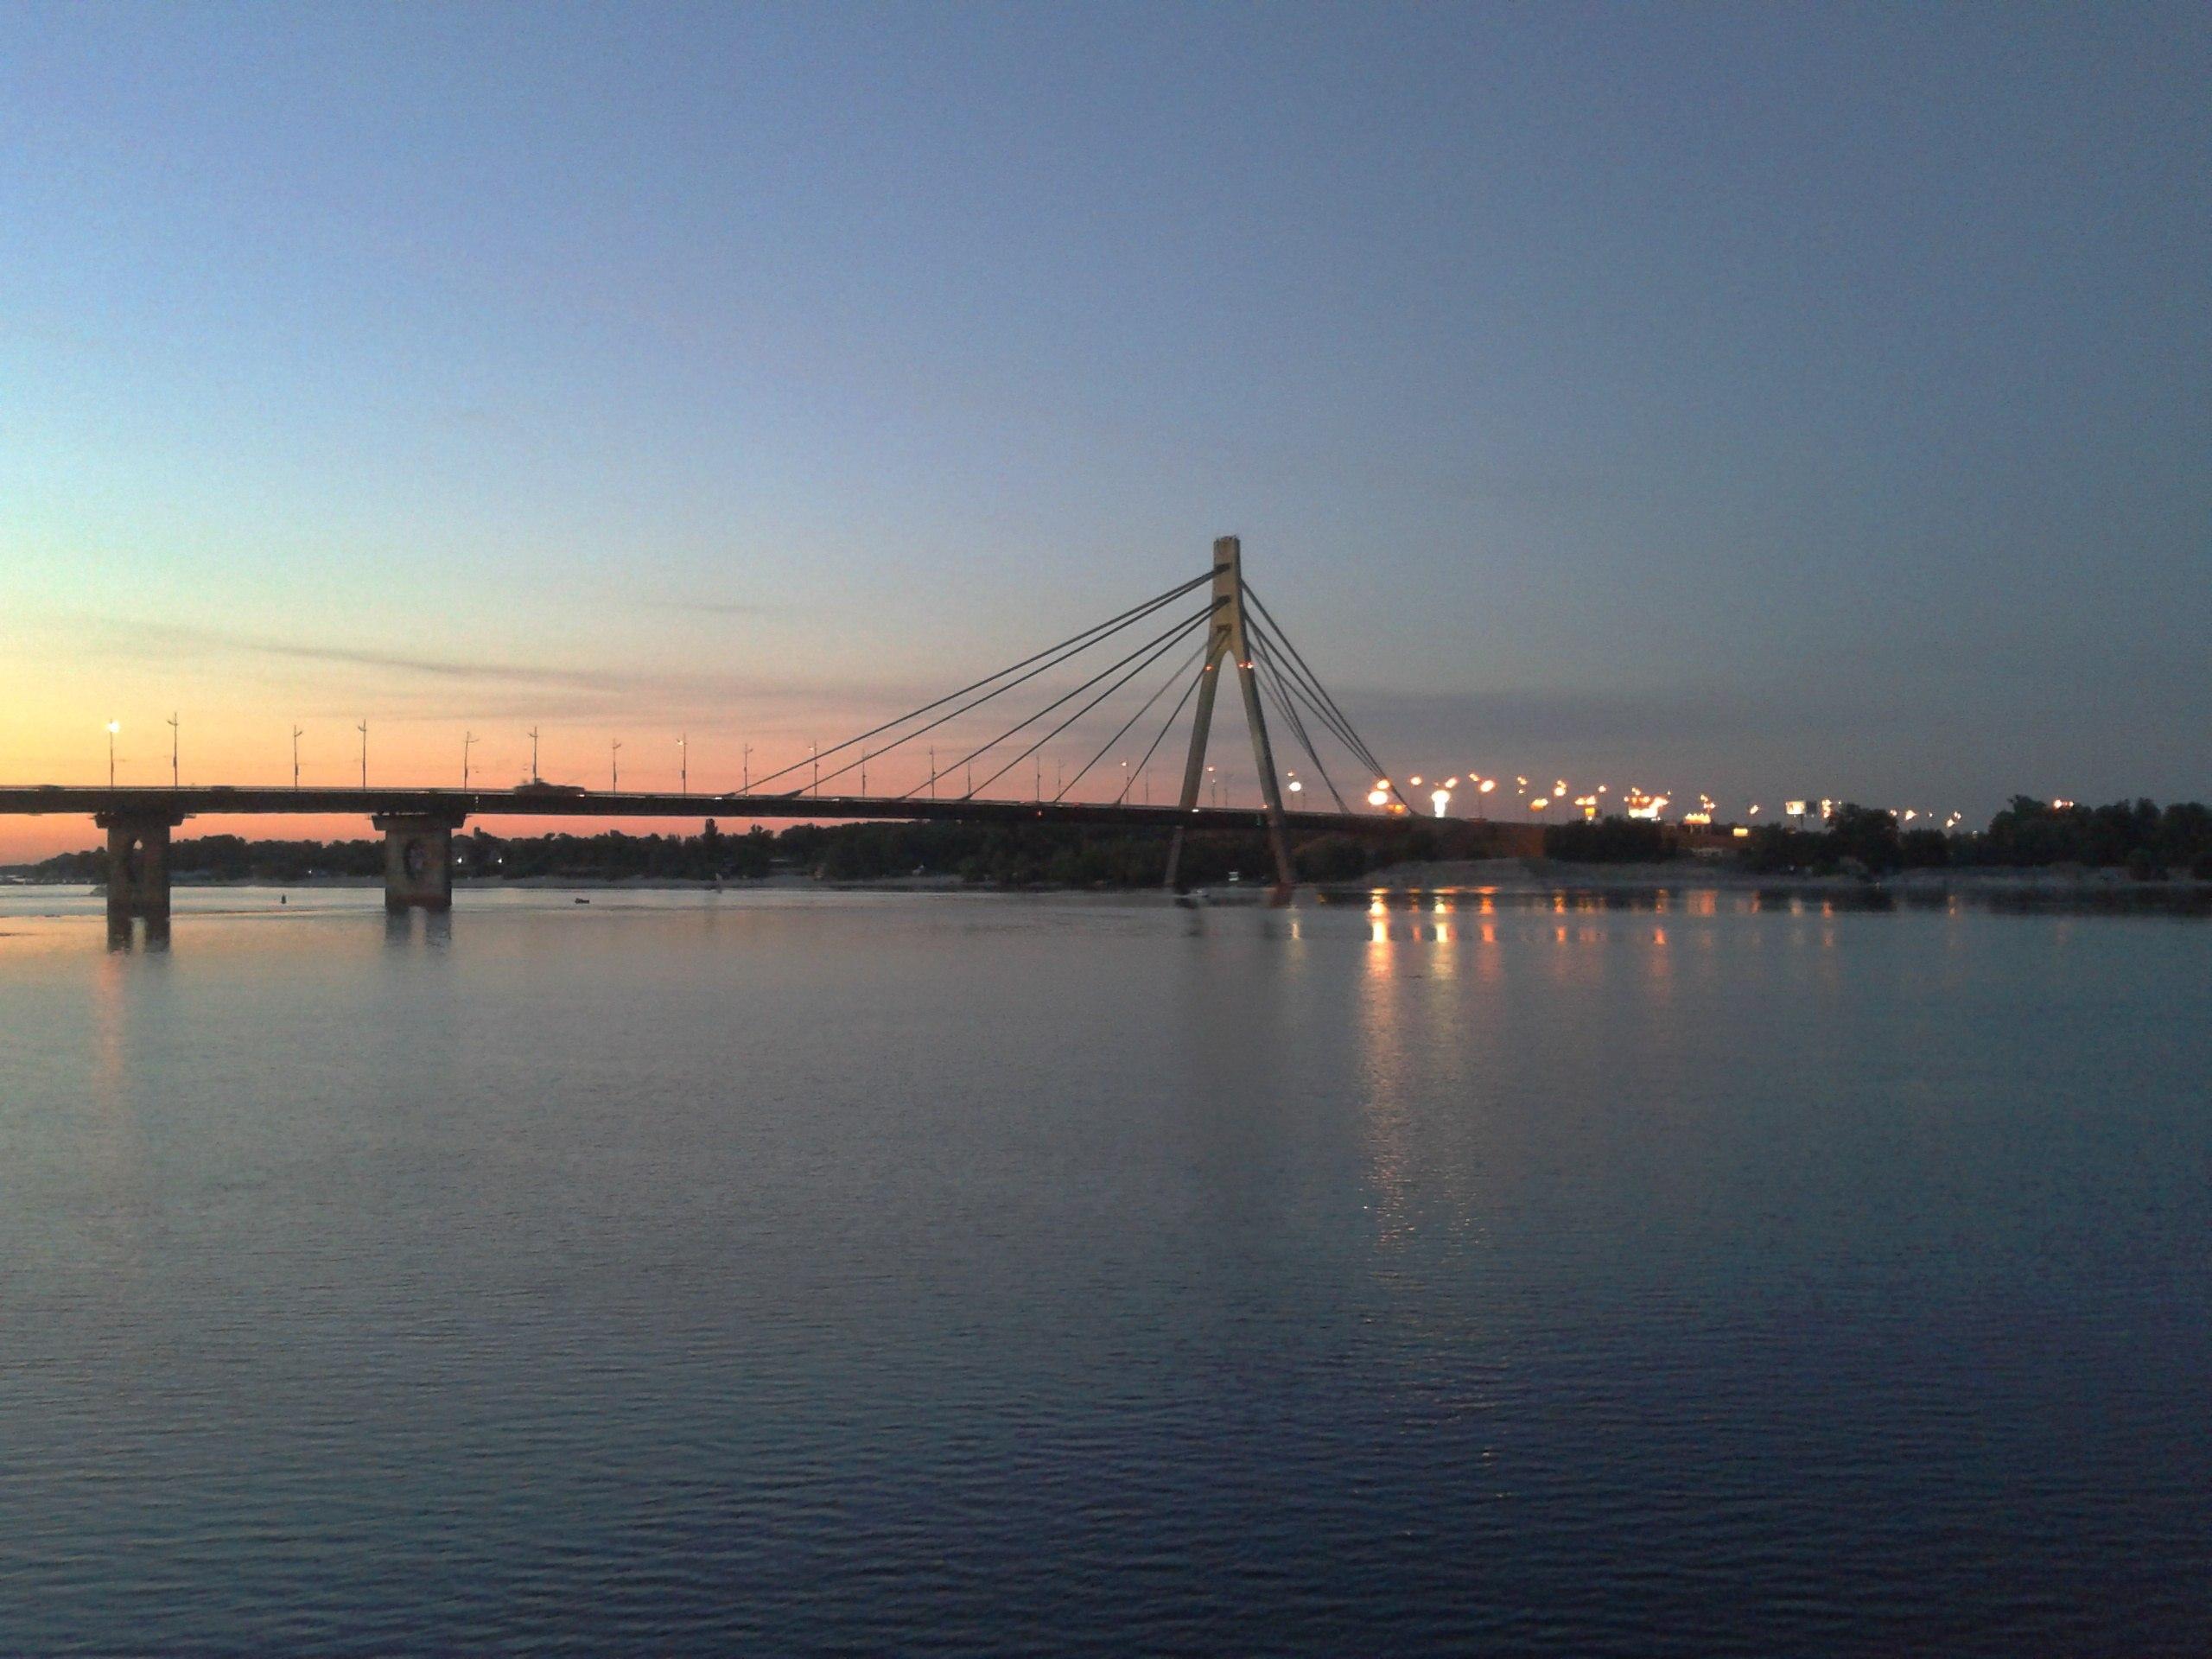 17797 скачать обои Пейзаж, Вода, Мосты, Закат - заставки и картинки бесплатно